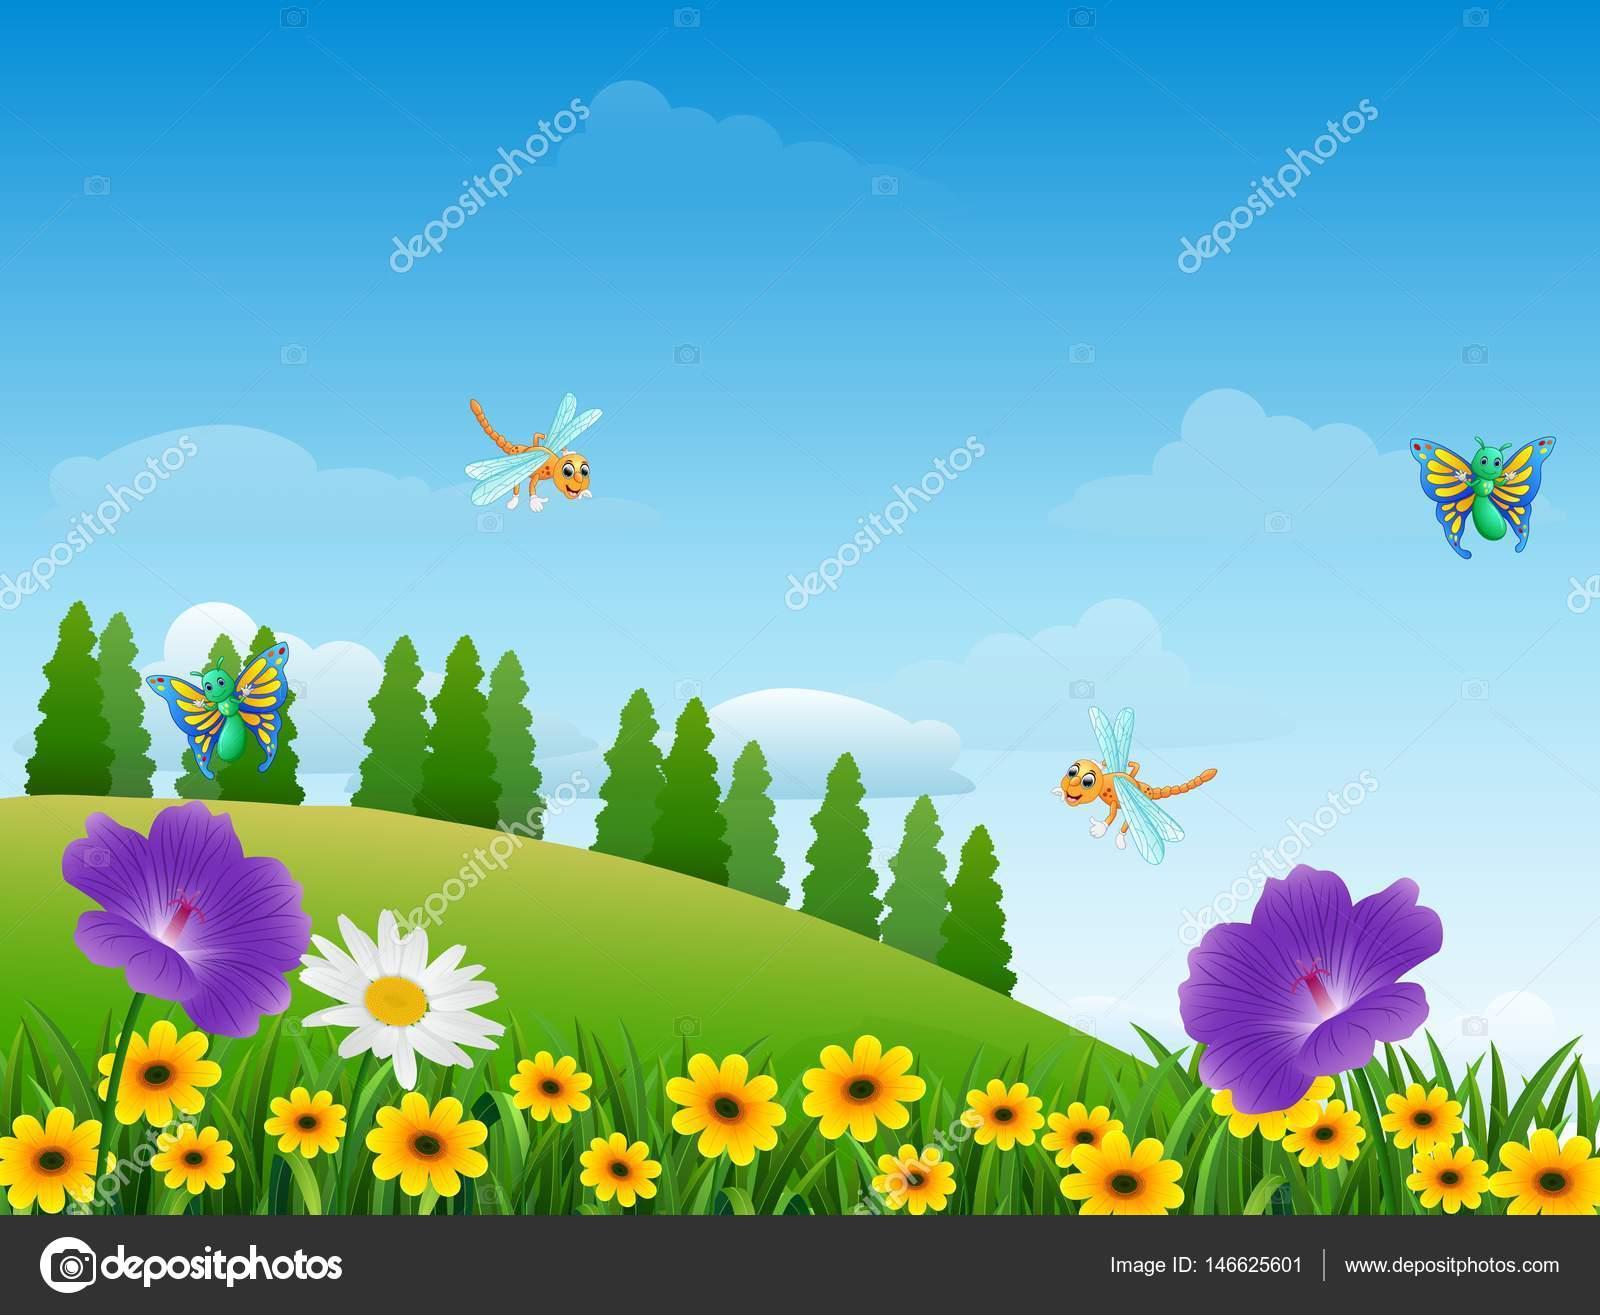 Dibujos animados de insectos en el jard n archivo for Figuras para el jardin